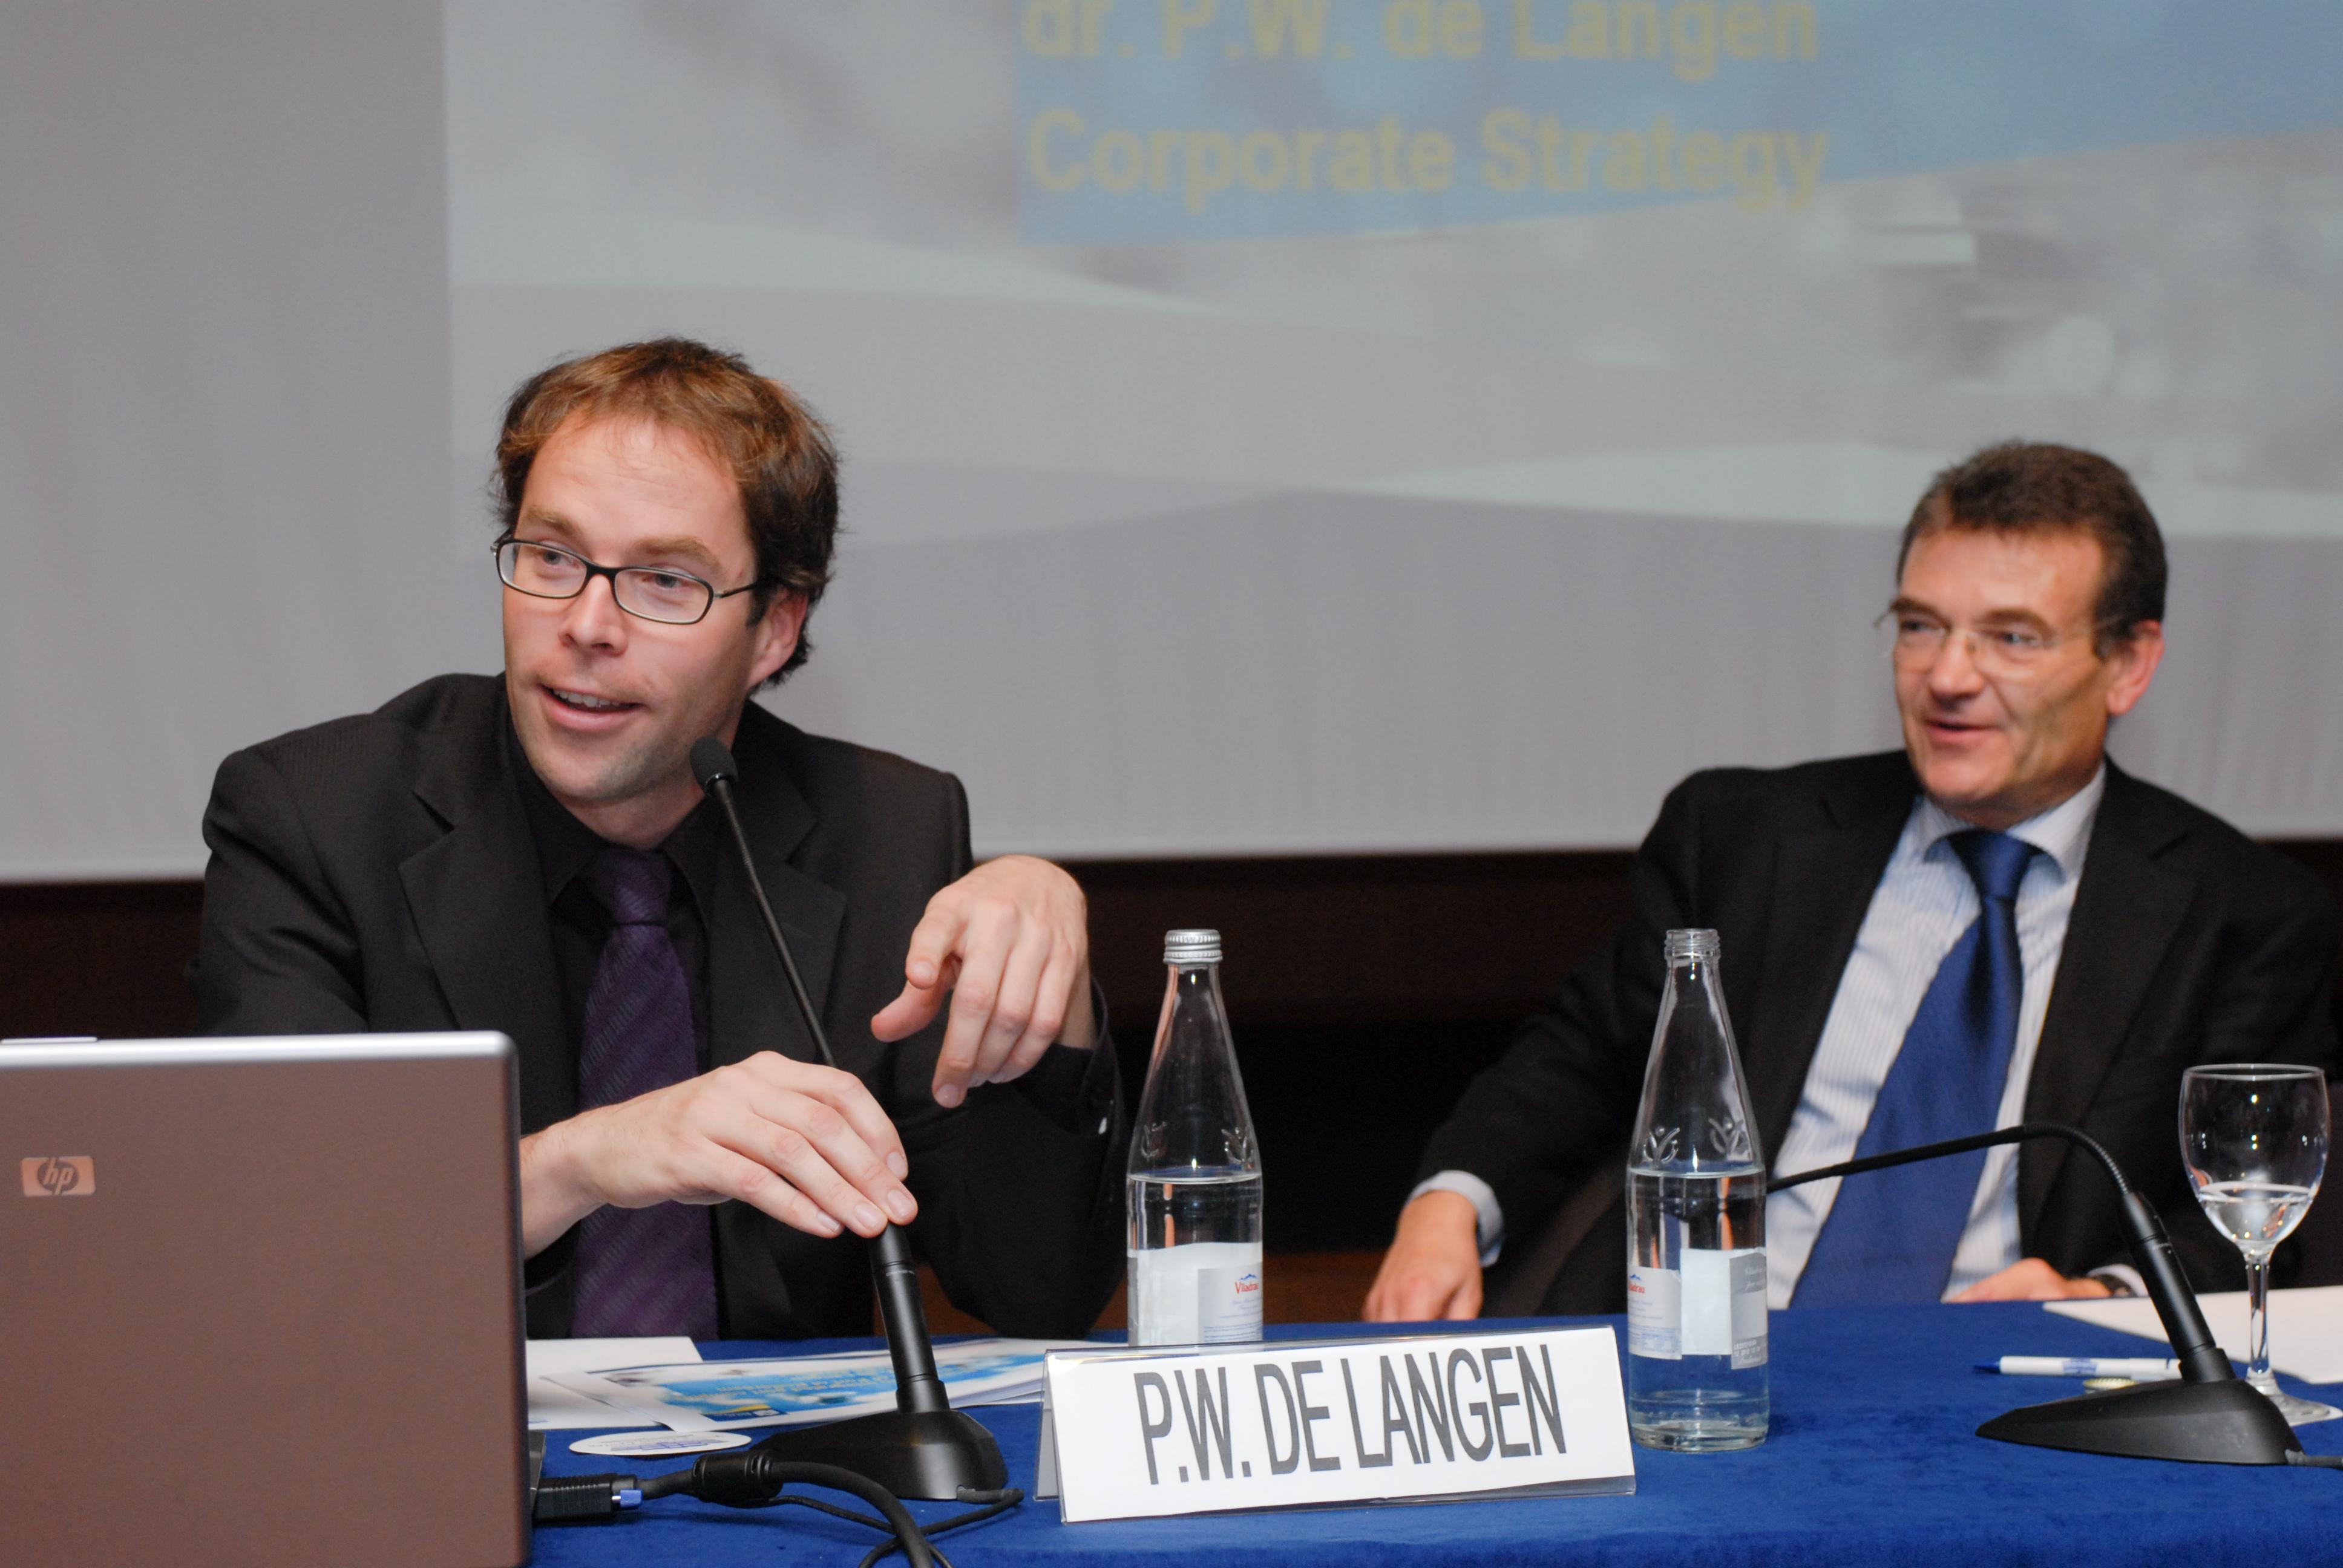 Peter W. de Langen